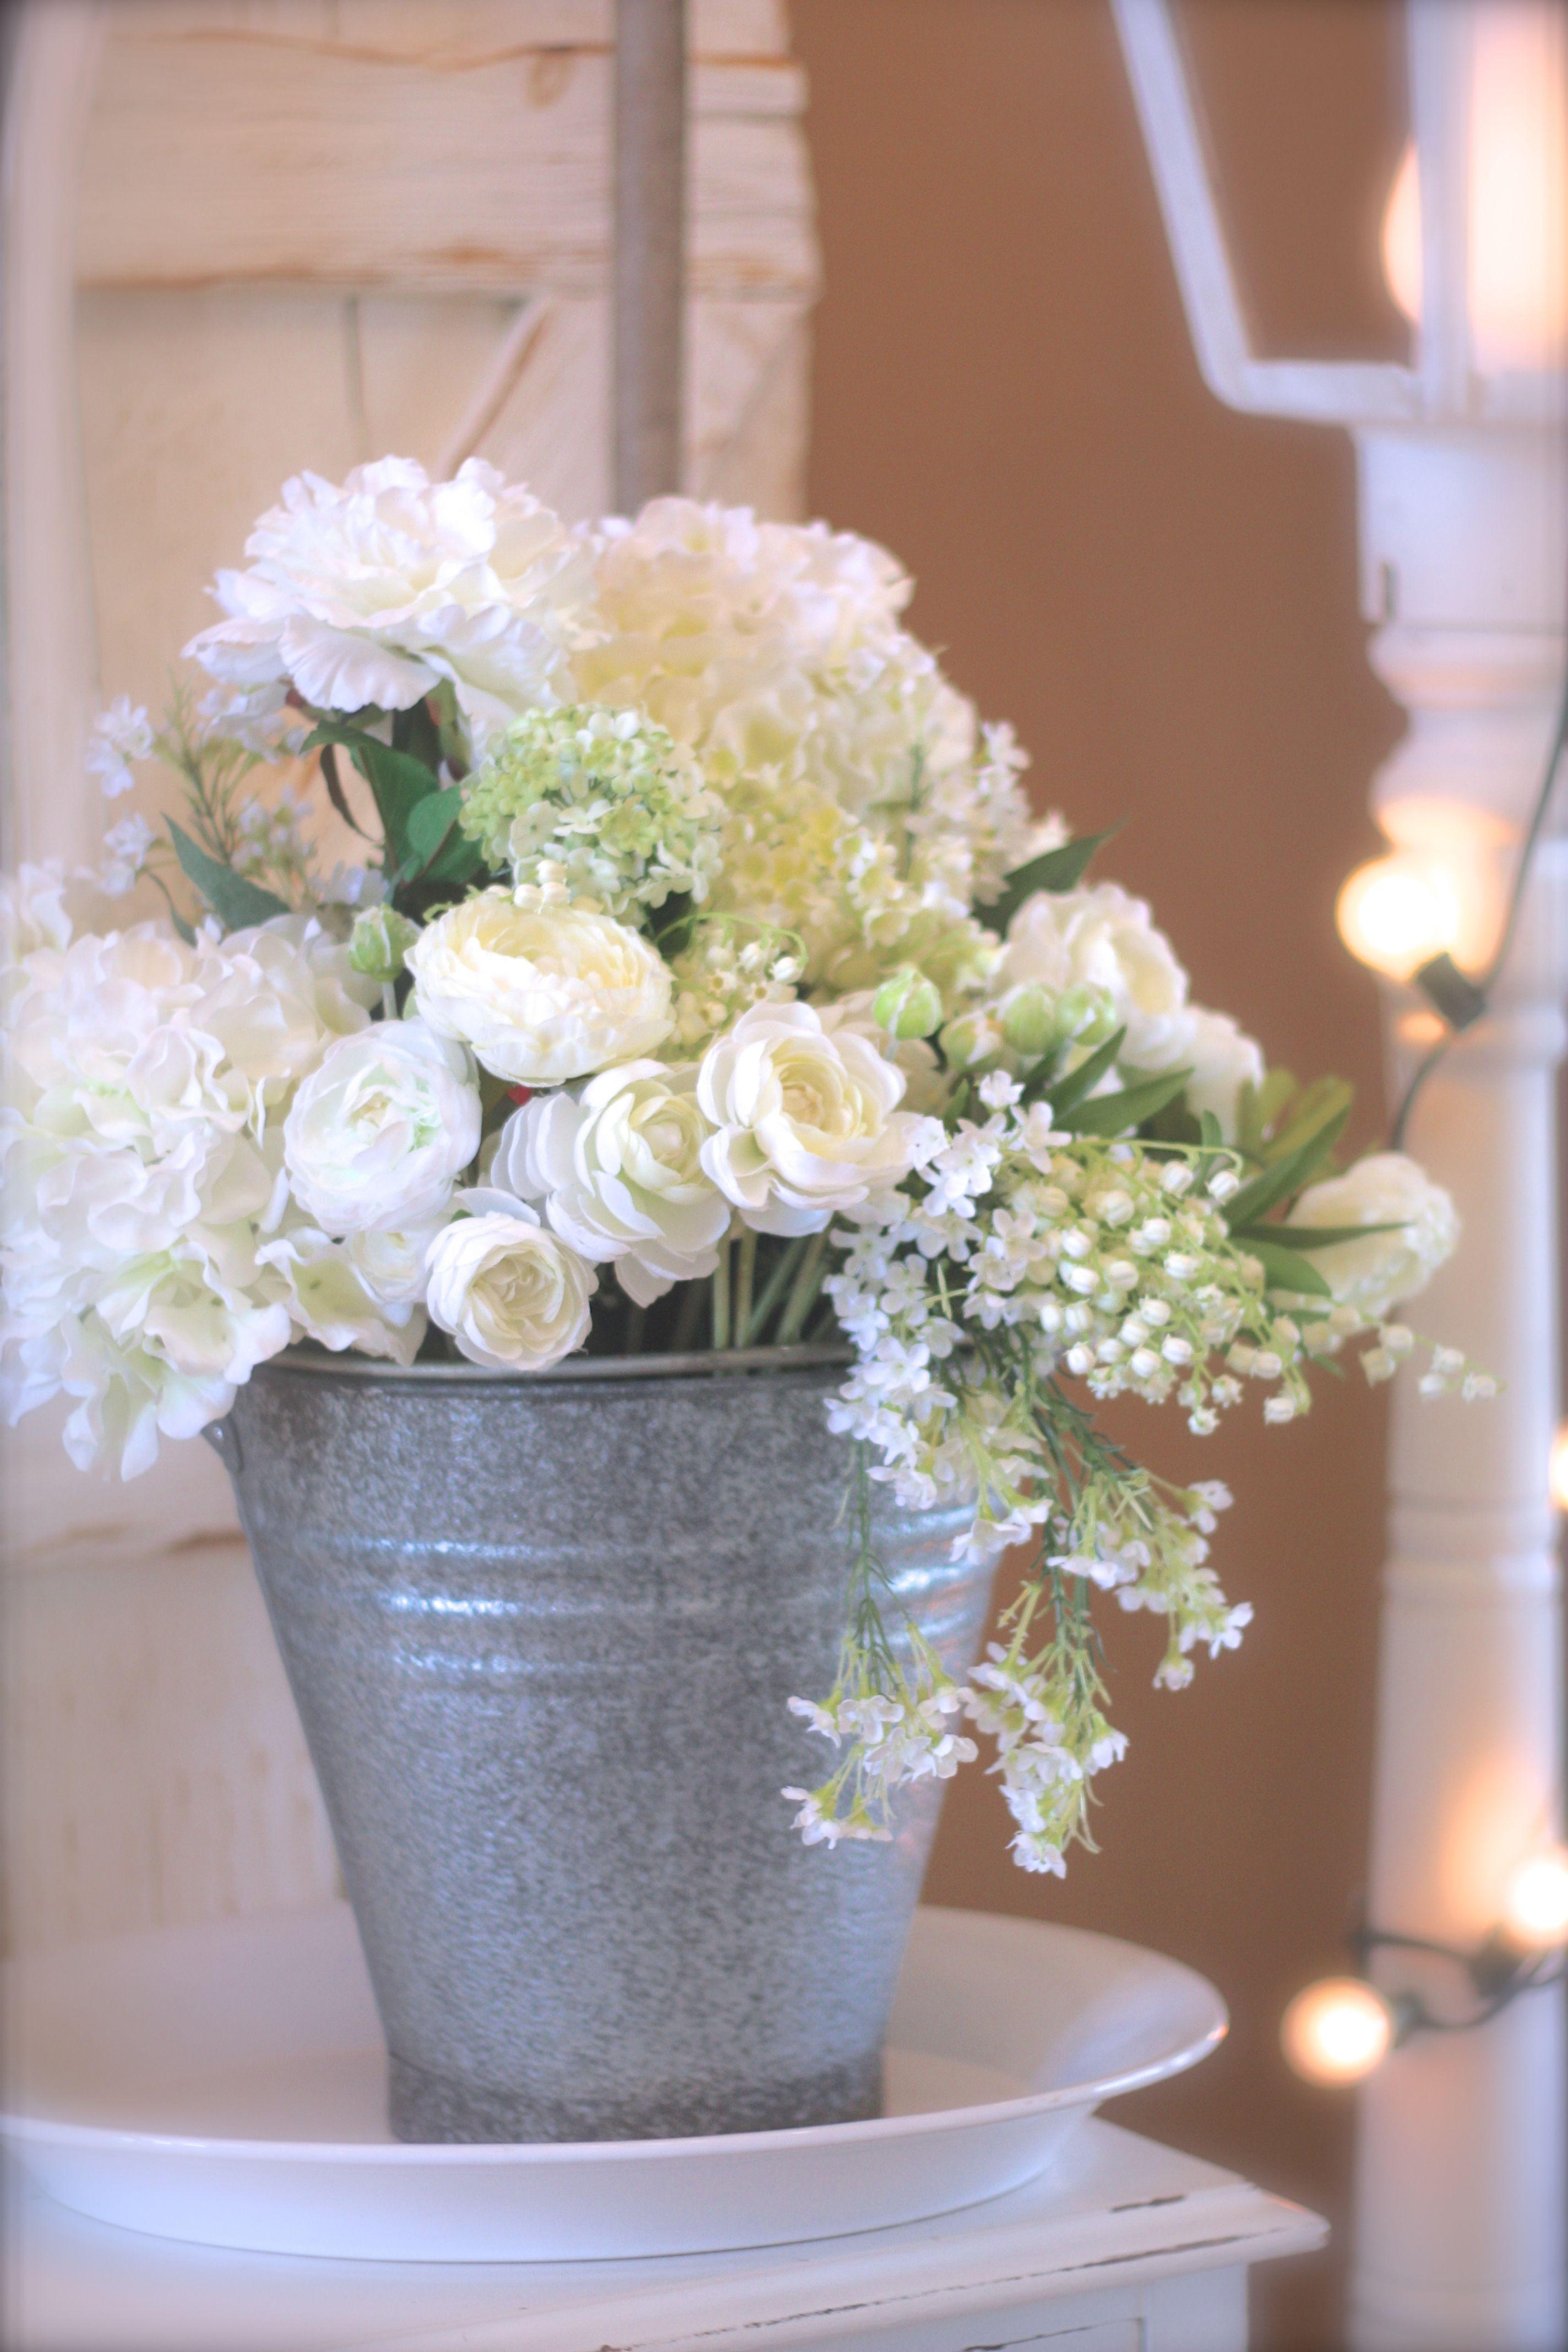 Have a great weekend jn pinterest pinterest flowers garden ideas mightylinksfo Gallery